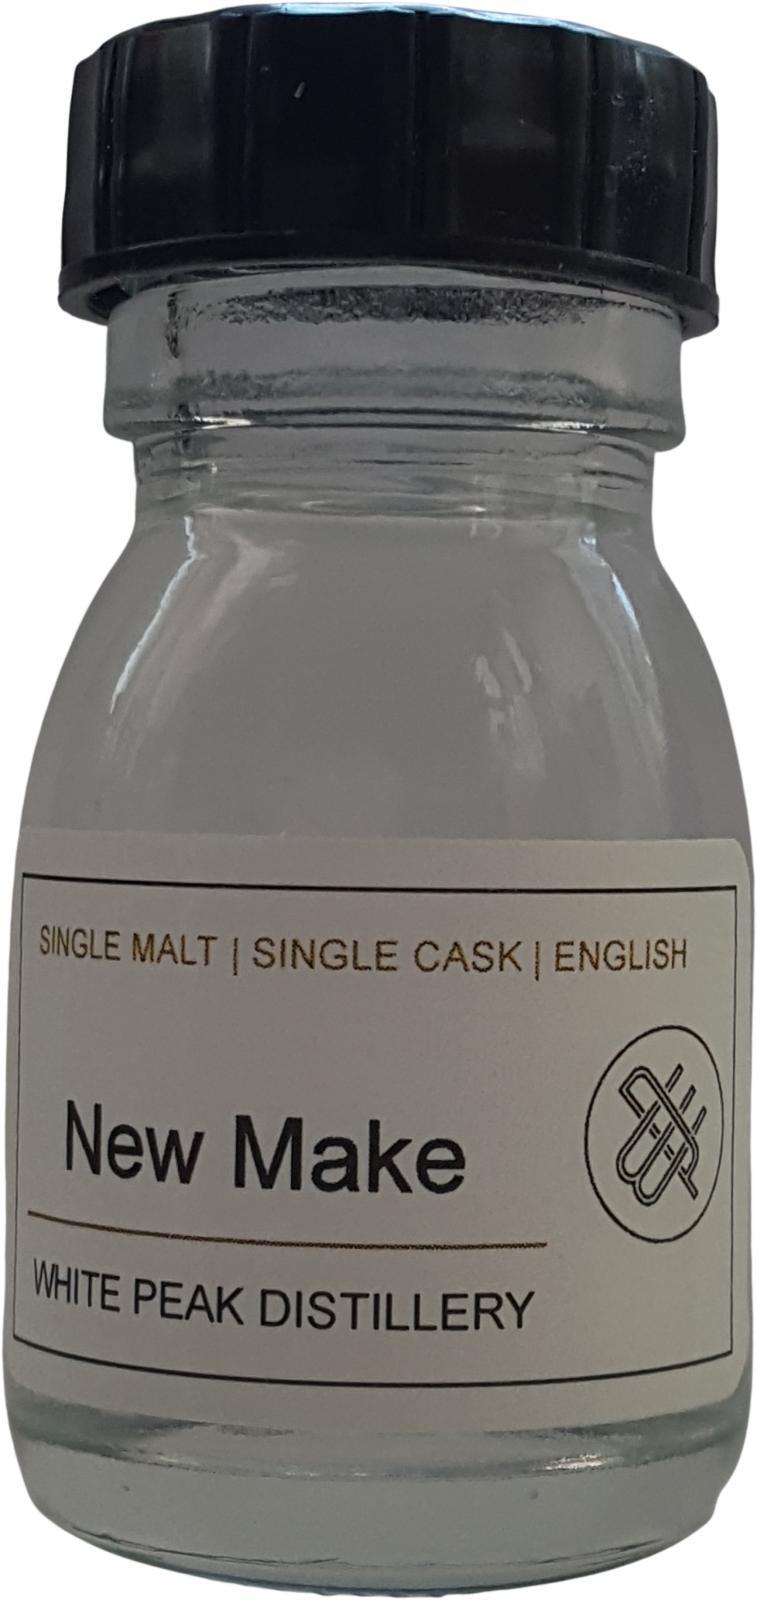 White Peak New Make